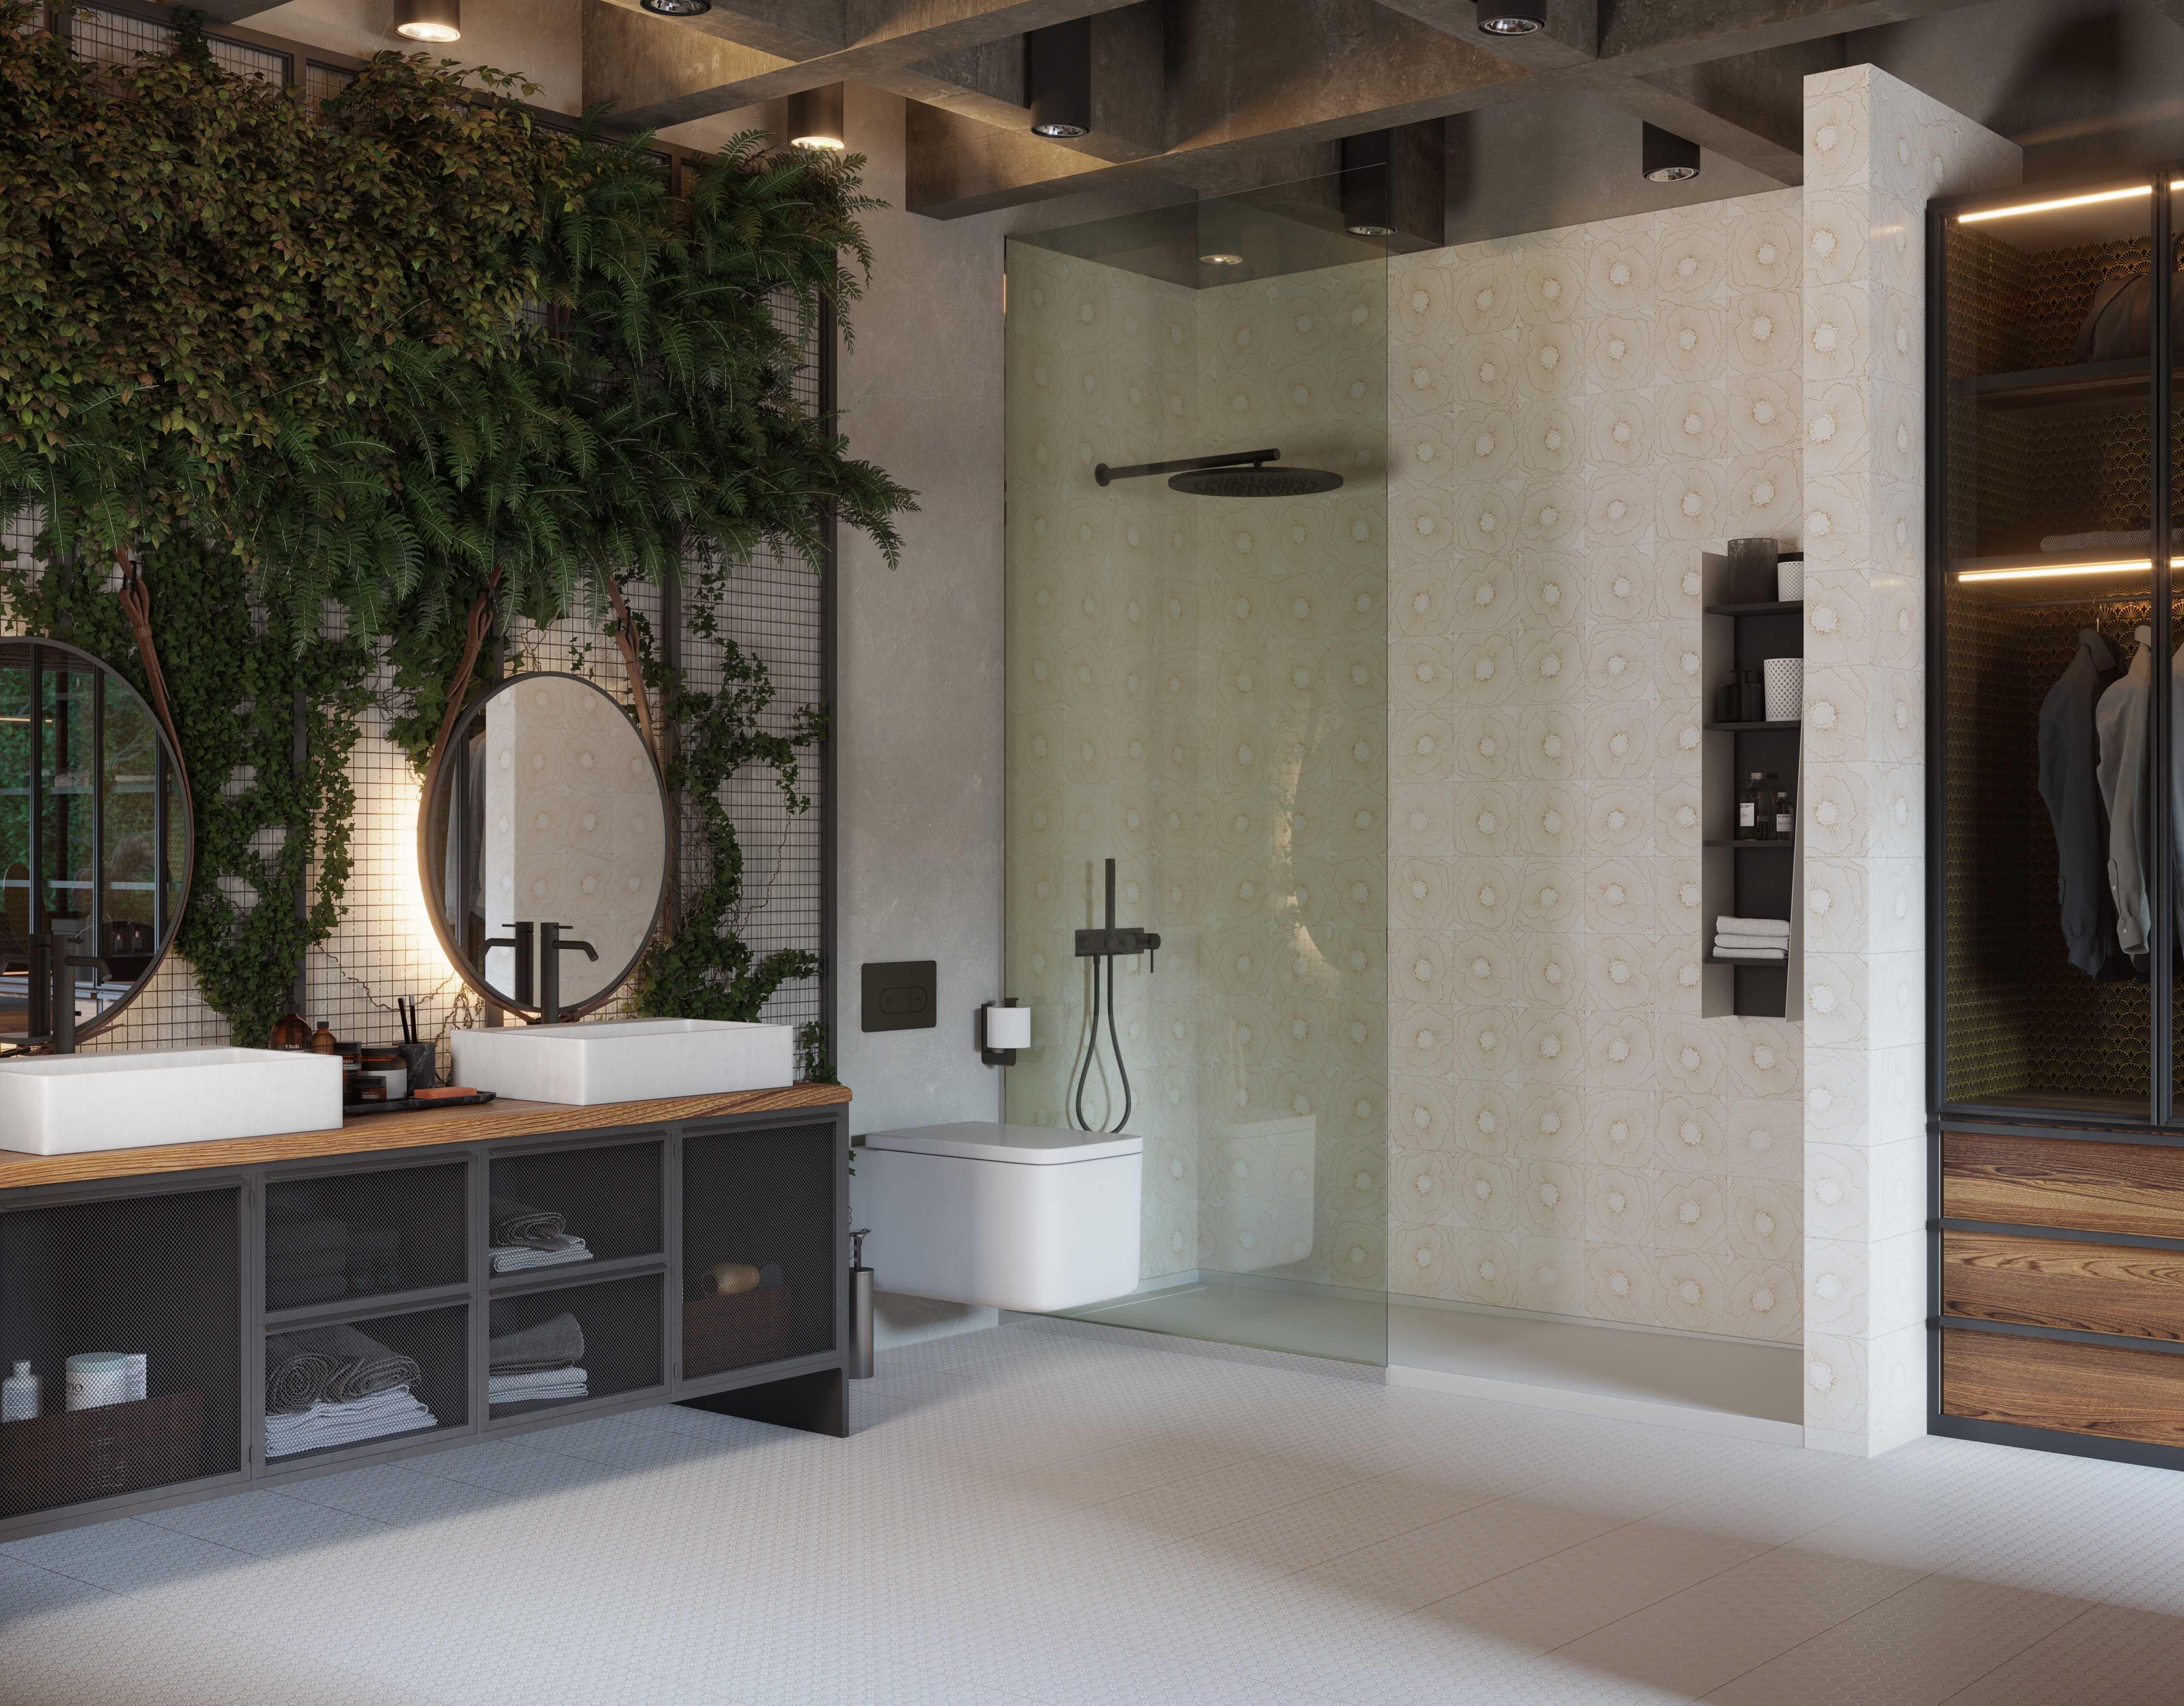 Przestronna ciemna łazienka w stylu art deco